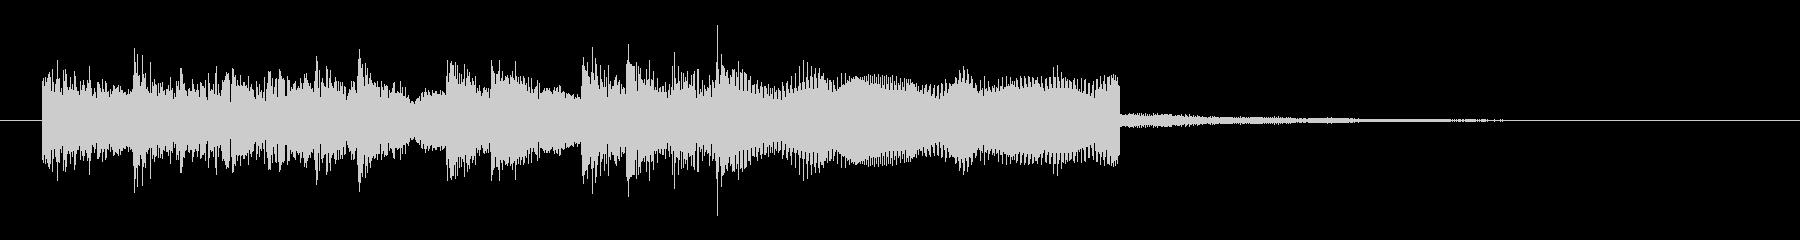 シンセのメタルフレーズなジングル 様式美の未再生の波形